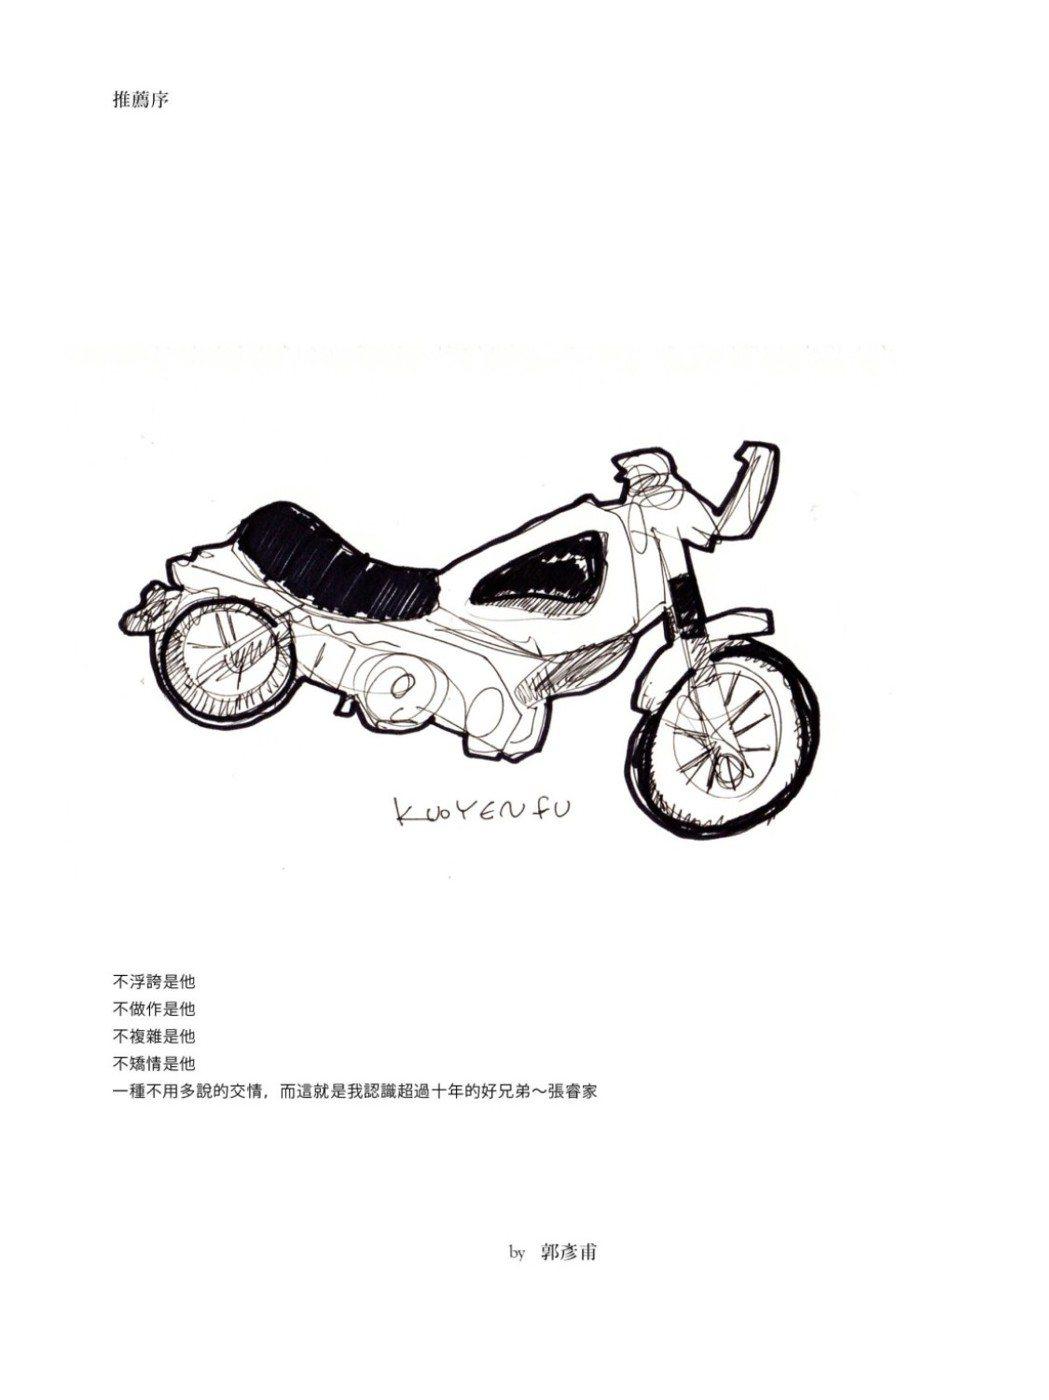 郭彥甫為張睿家的寫真集畫上重型機車。圖/周子娛樂提供